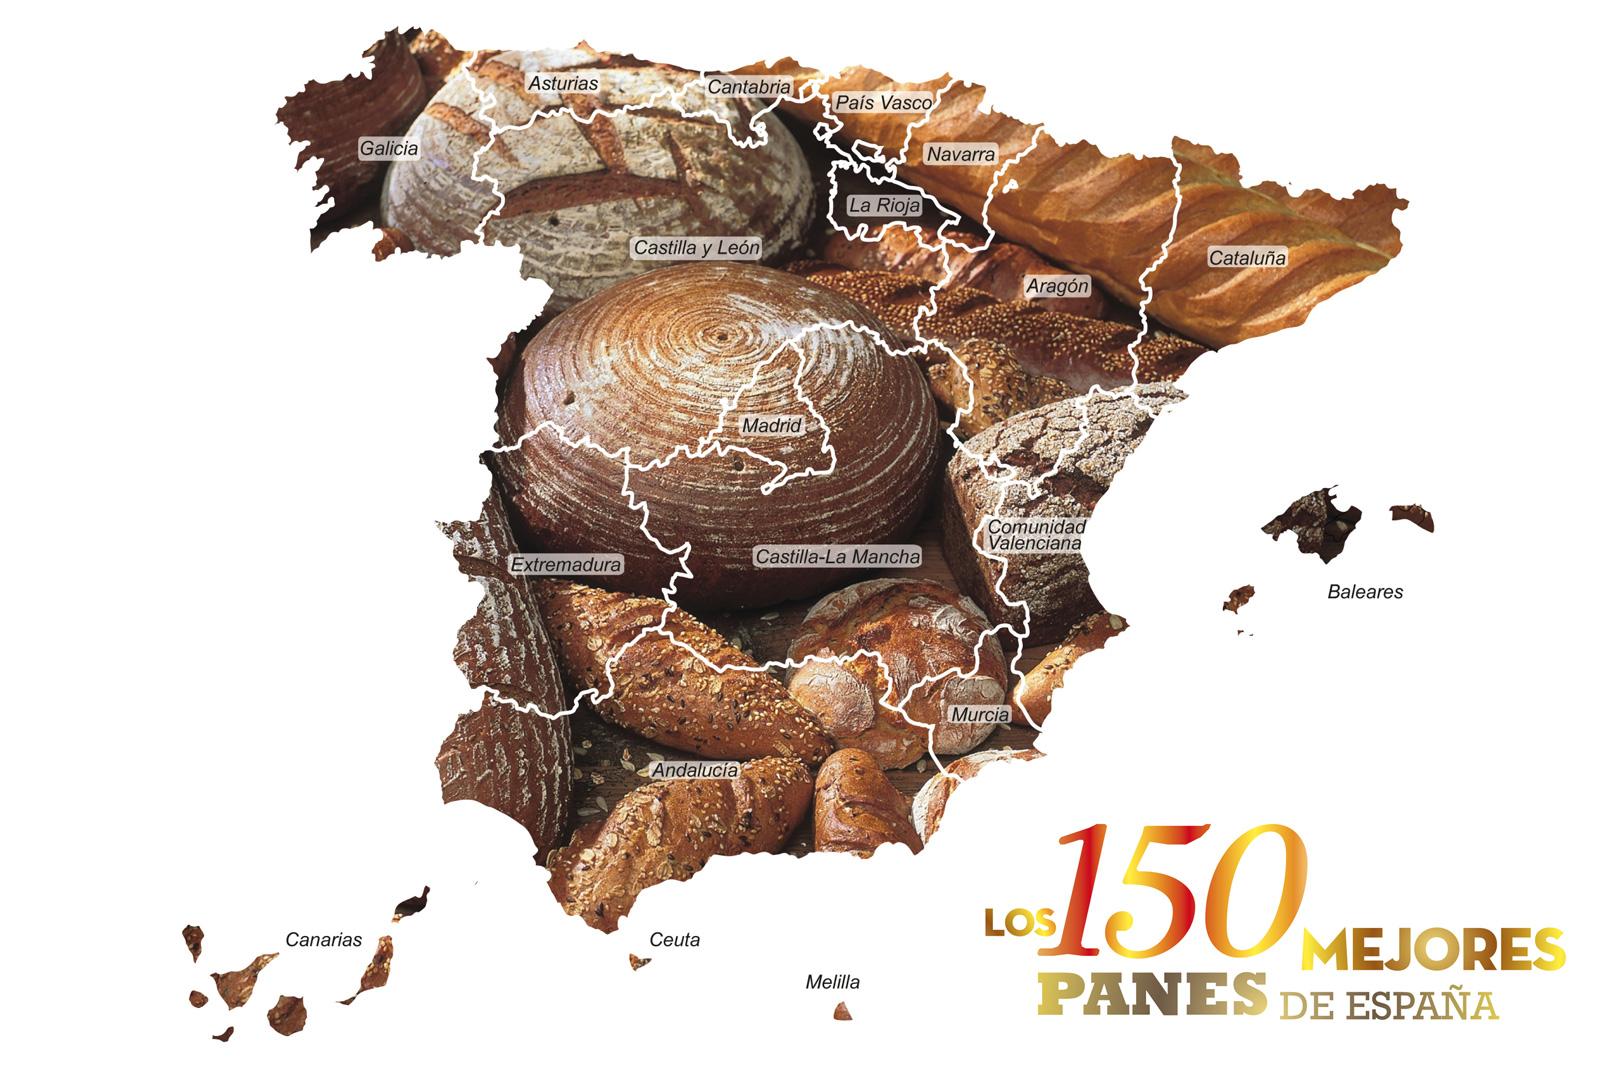 DESCUBRE EL GRAN MAPA DE PANES DE ESPAÑA